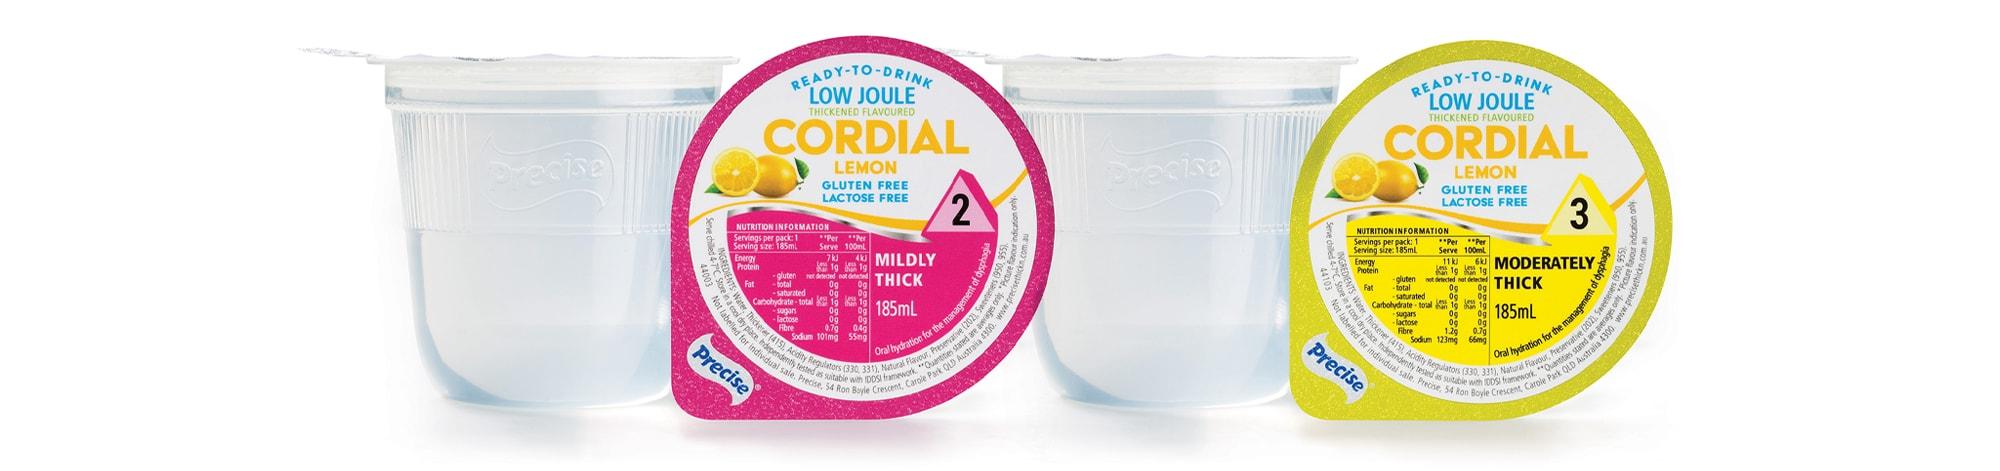 RTD Low Joule Lemon Cordial